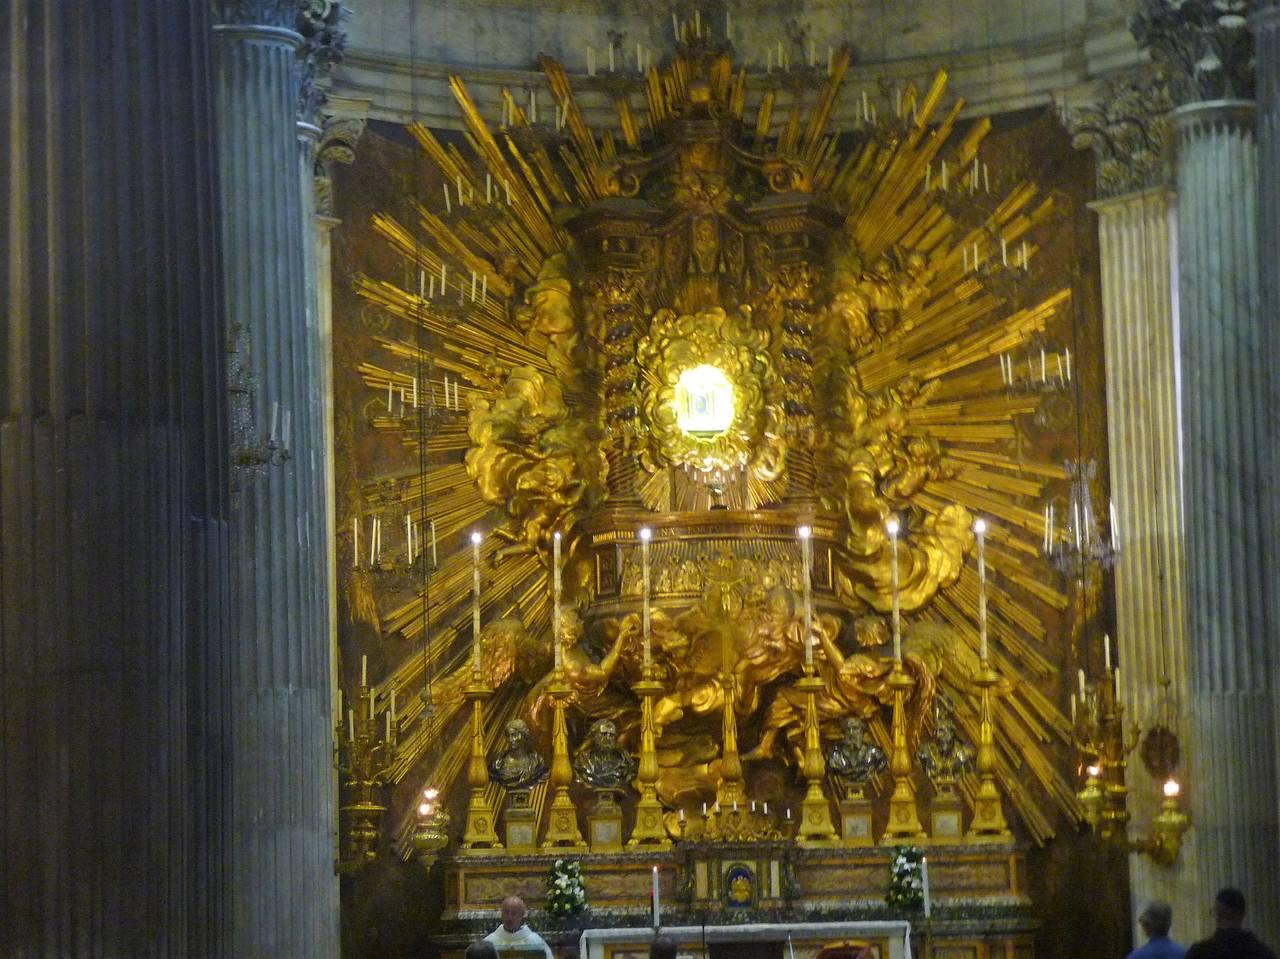 Chiesa S. Maria in Campitelli (13)